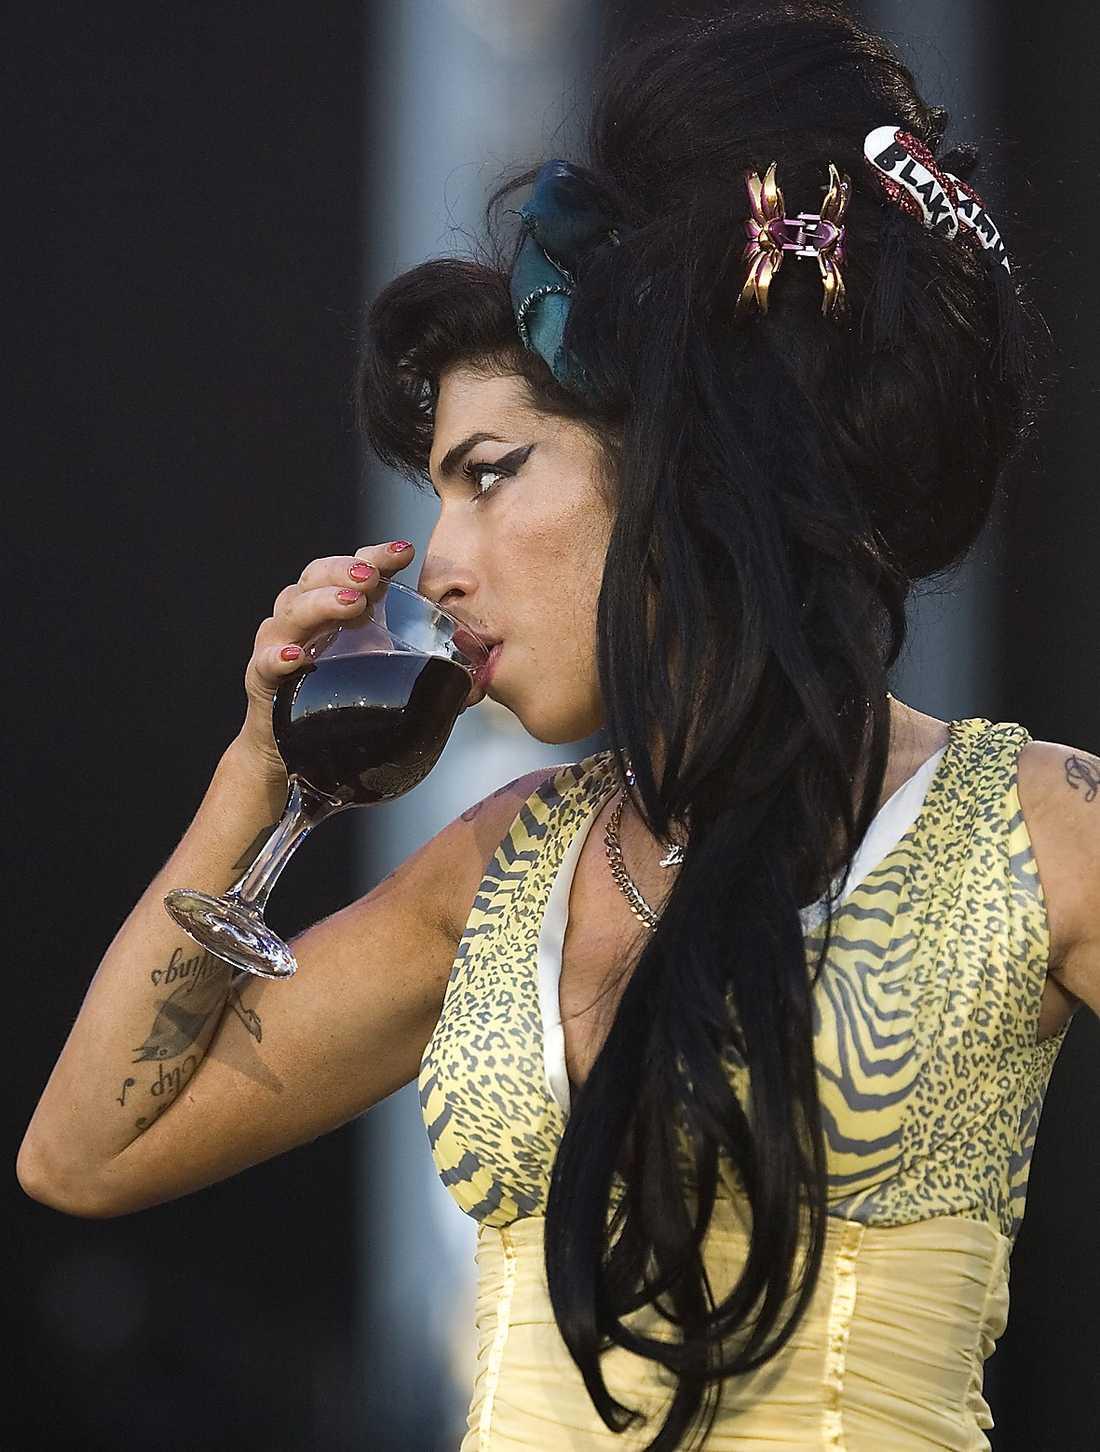 Dryckesvanorna är inget nytt. Här under en spelning i Rio tar hon ett stort glas vin.